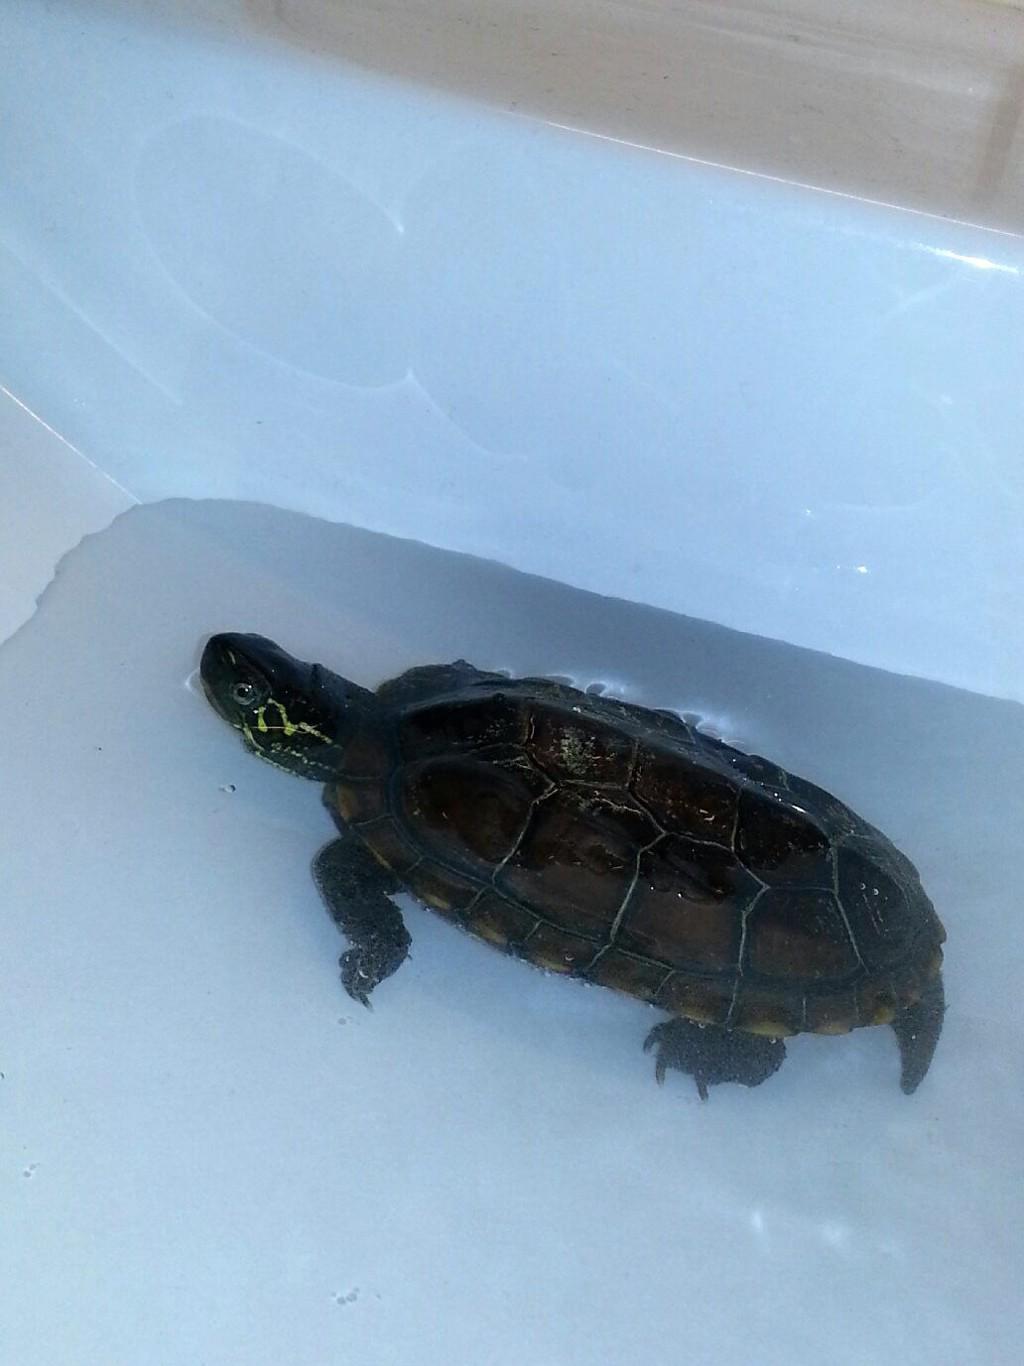 MIDLERTIDIG LOSJI: Denne lille skilpadden får bade i en vask på Lambertseter inntil eieren blir funnet eller nytt permanent hjem er på plass.